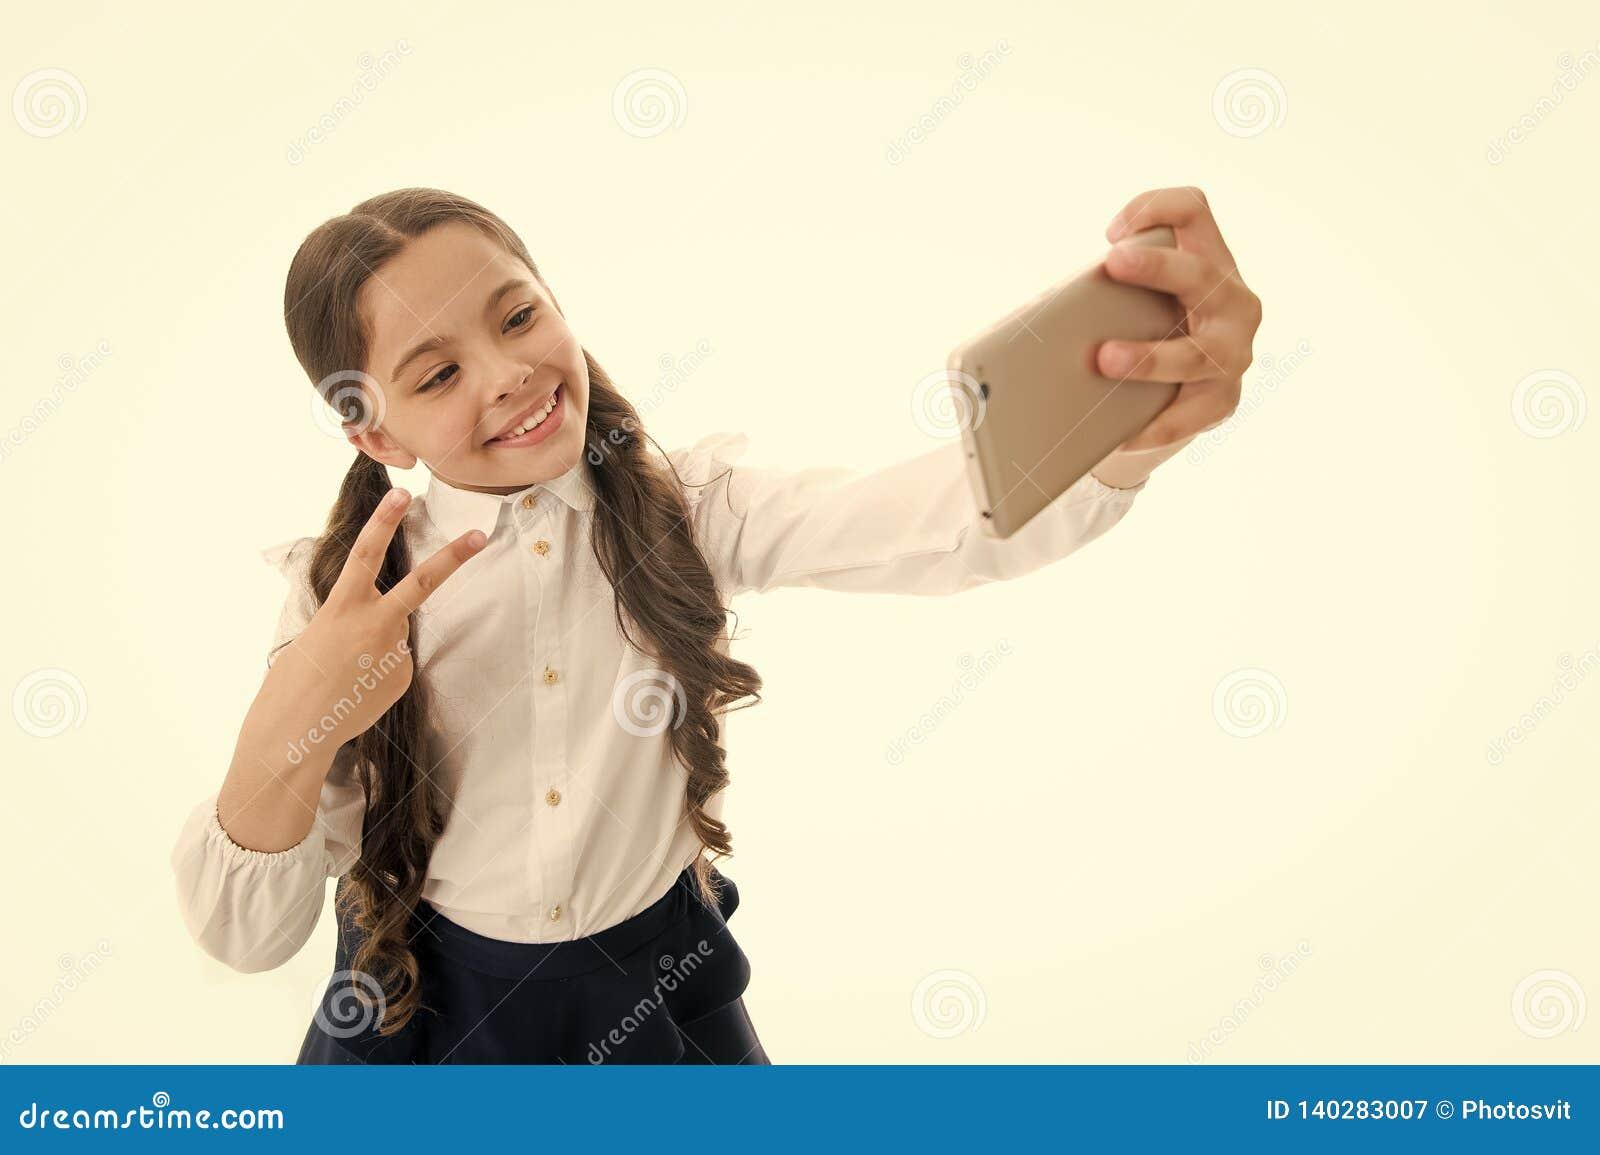 Blog het kleine meisje maakt foto voor haar persoonlijke blog deel uw online blog kinderjarenblog van weinig geïsoleerd jong geit